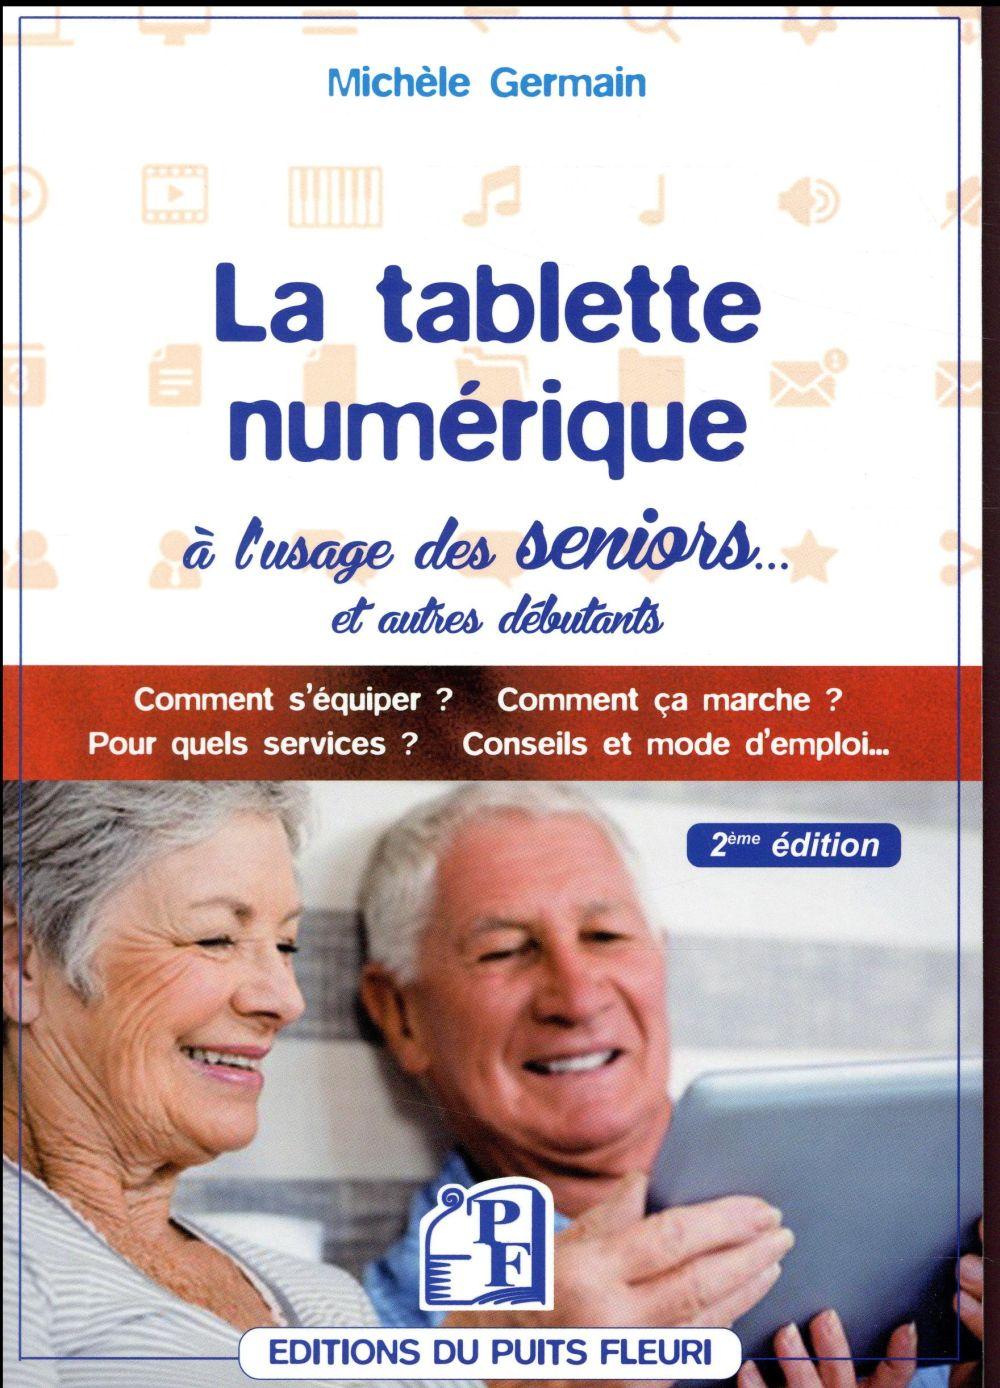 La tablette numérique ; à l'usage des seniors... et autres débutants (2e édition)